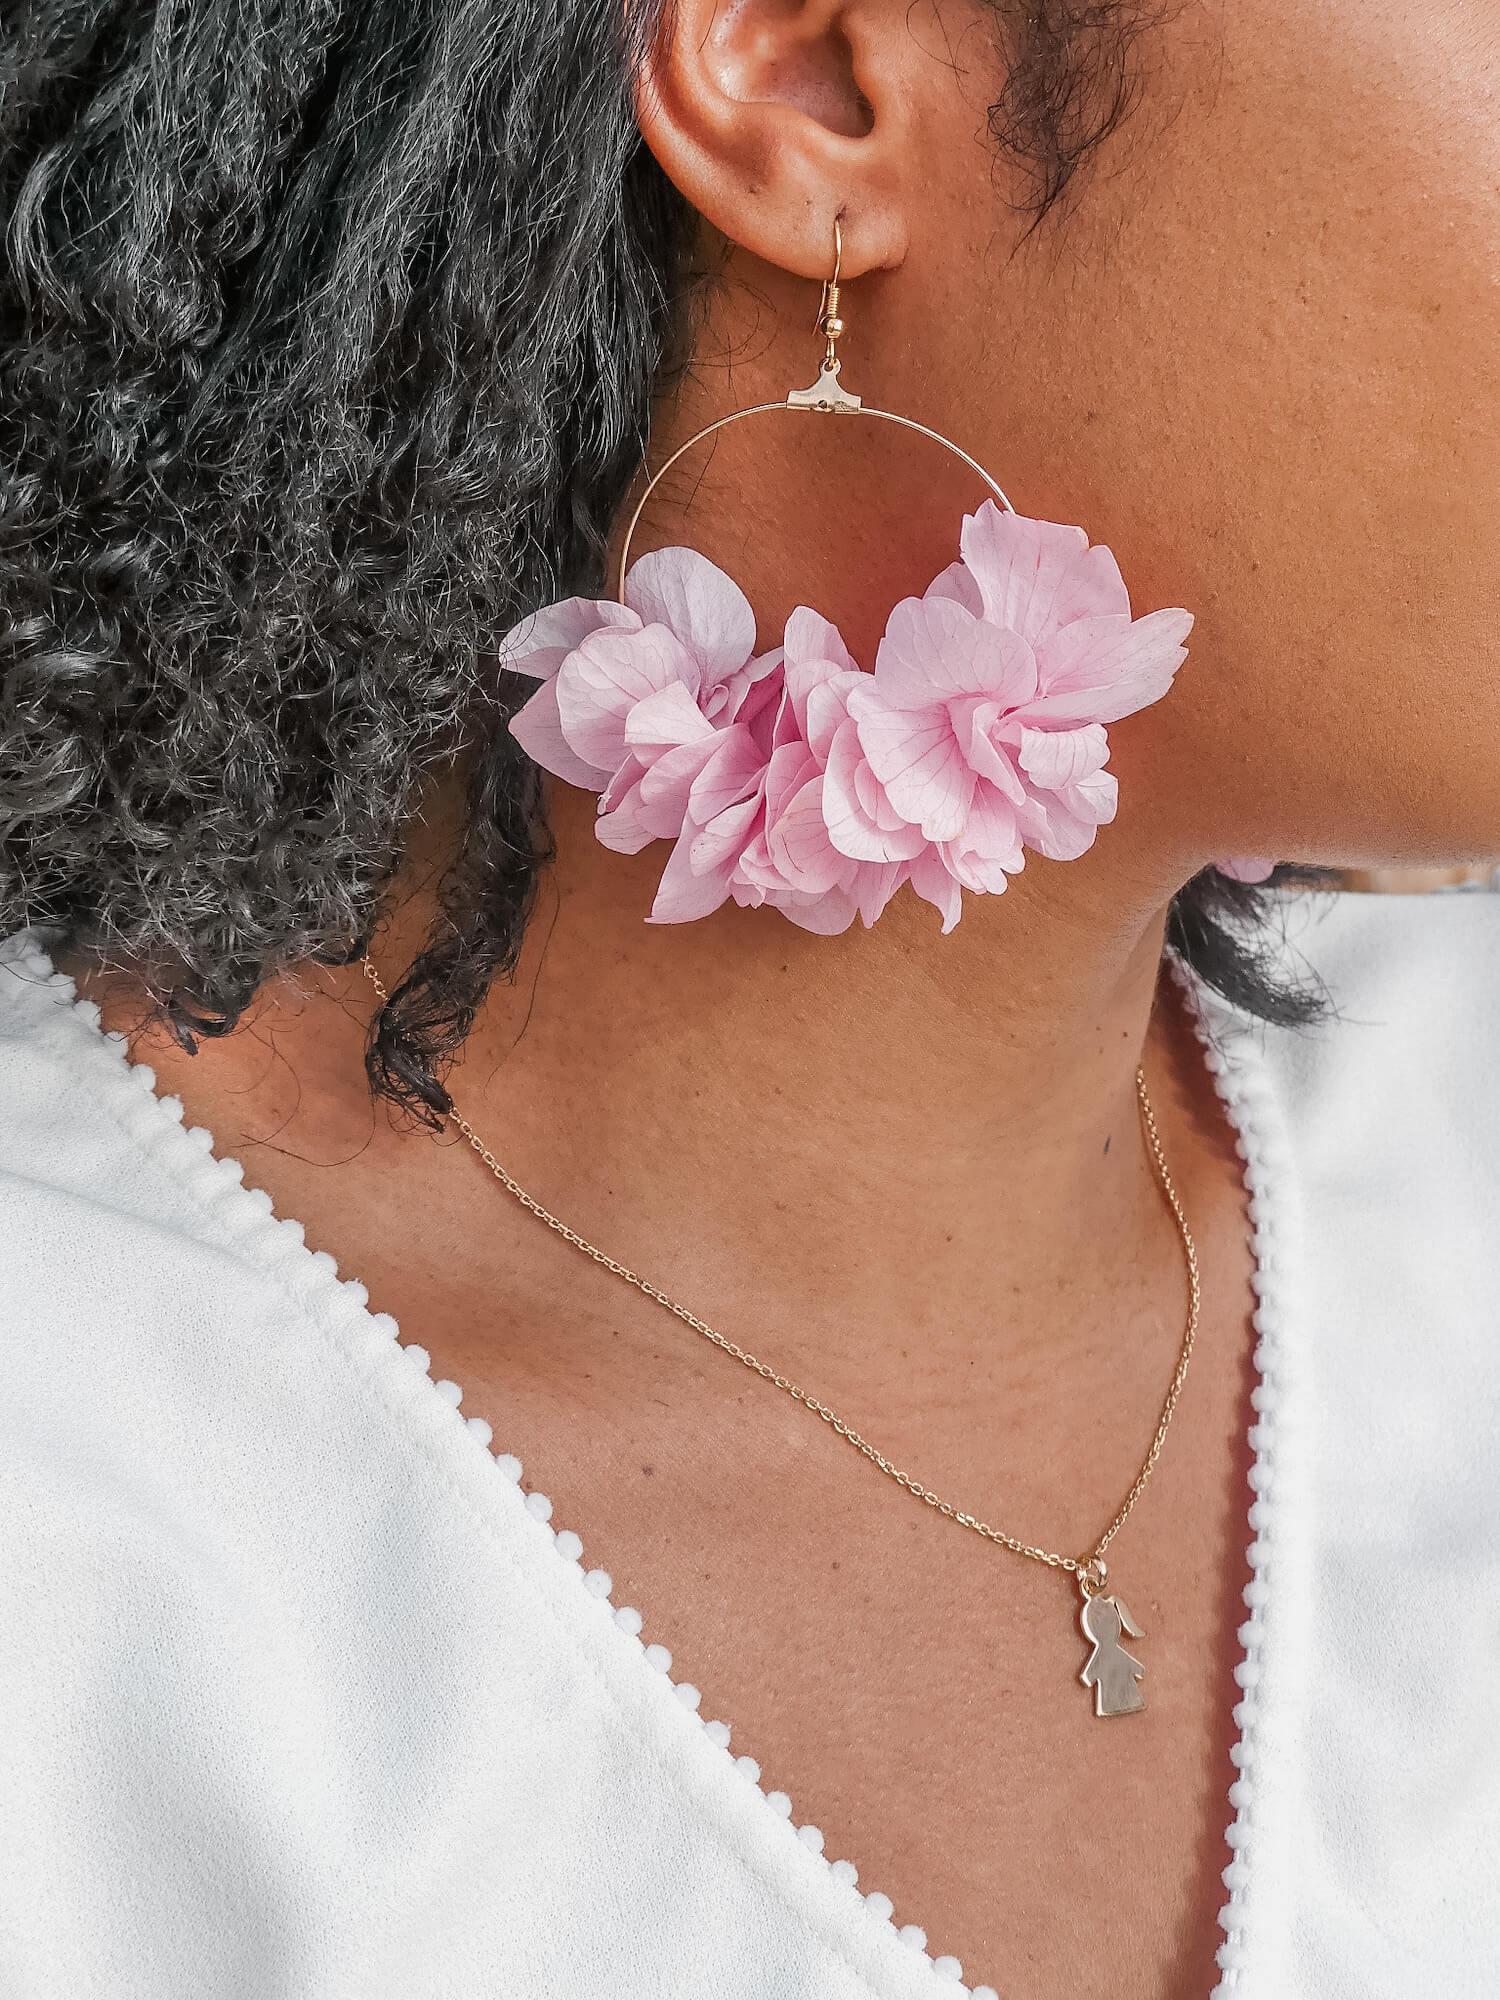 bijoux tendance femme Martinique - boucles d oreilles vraies fleurs Cénélia